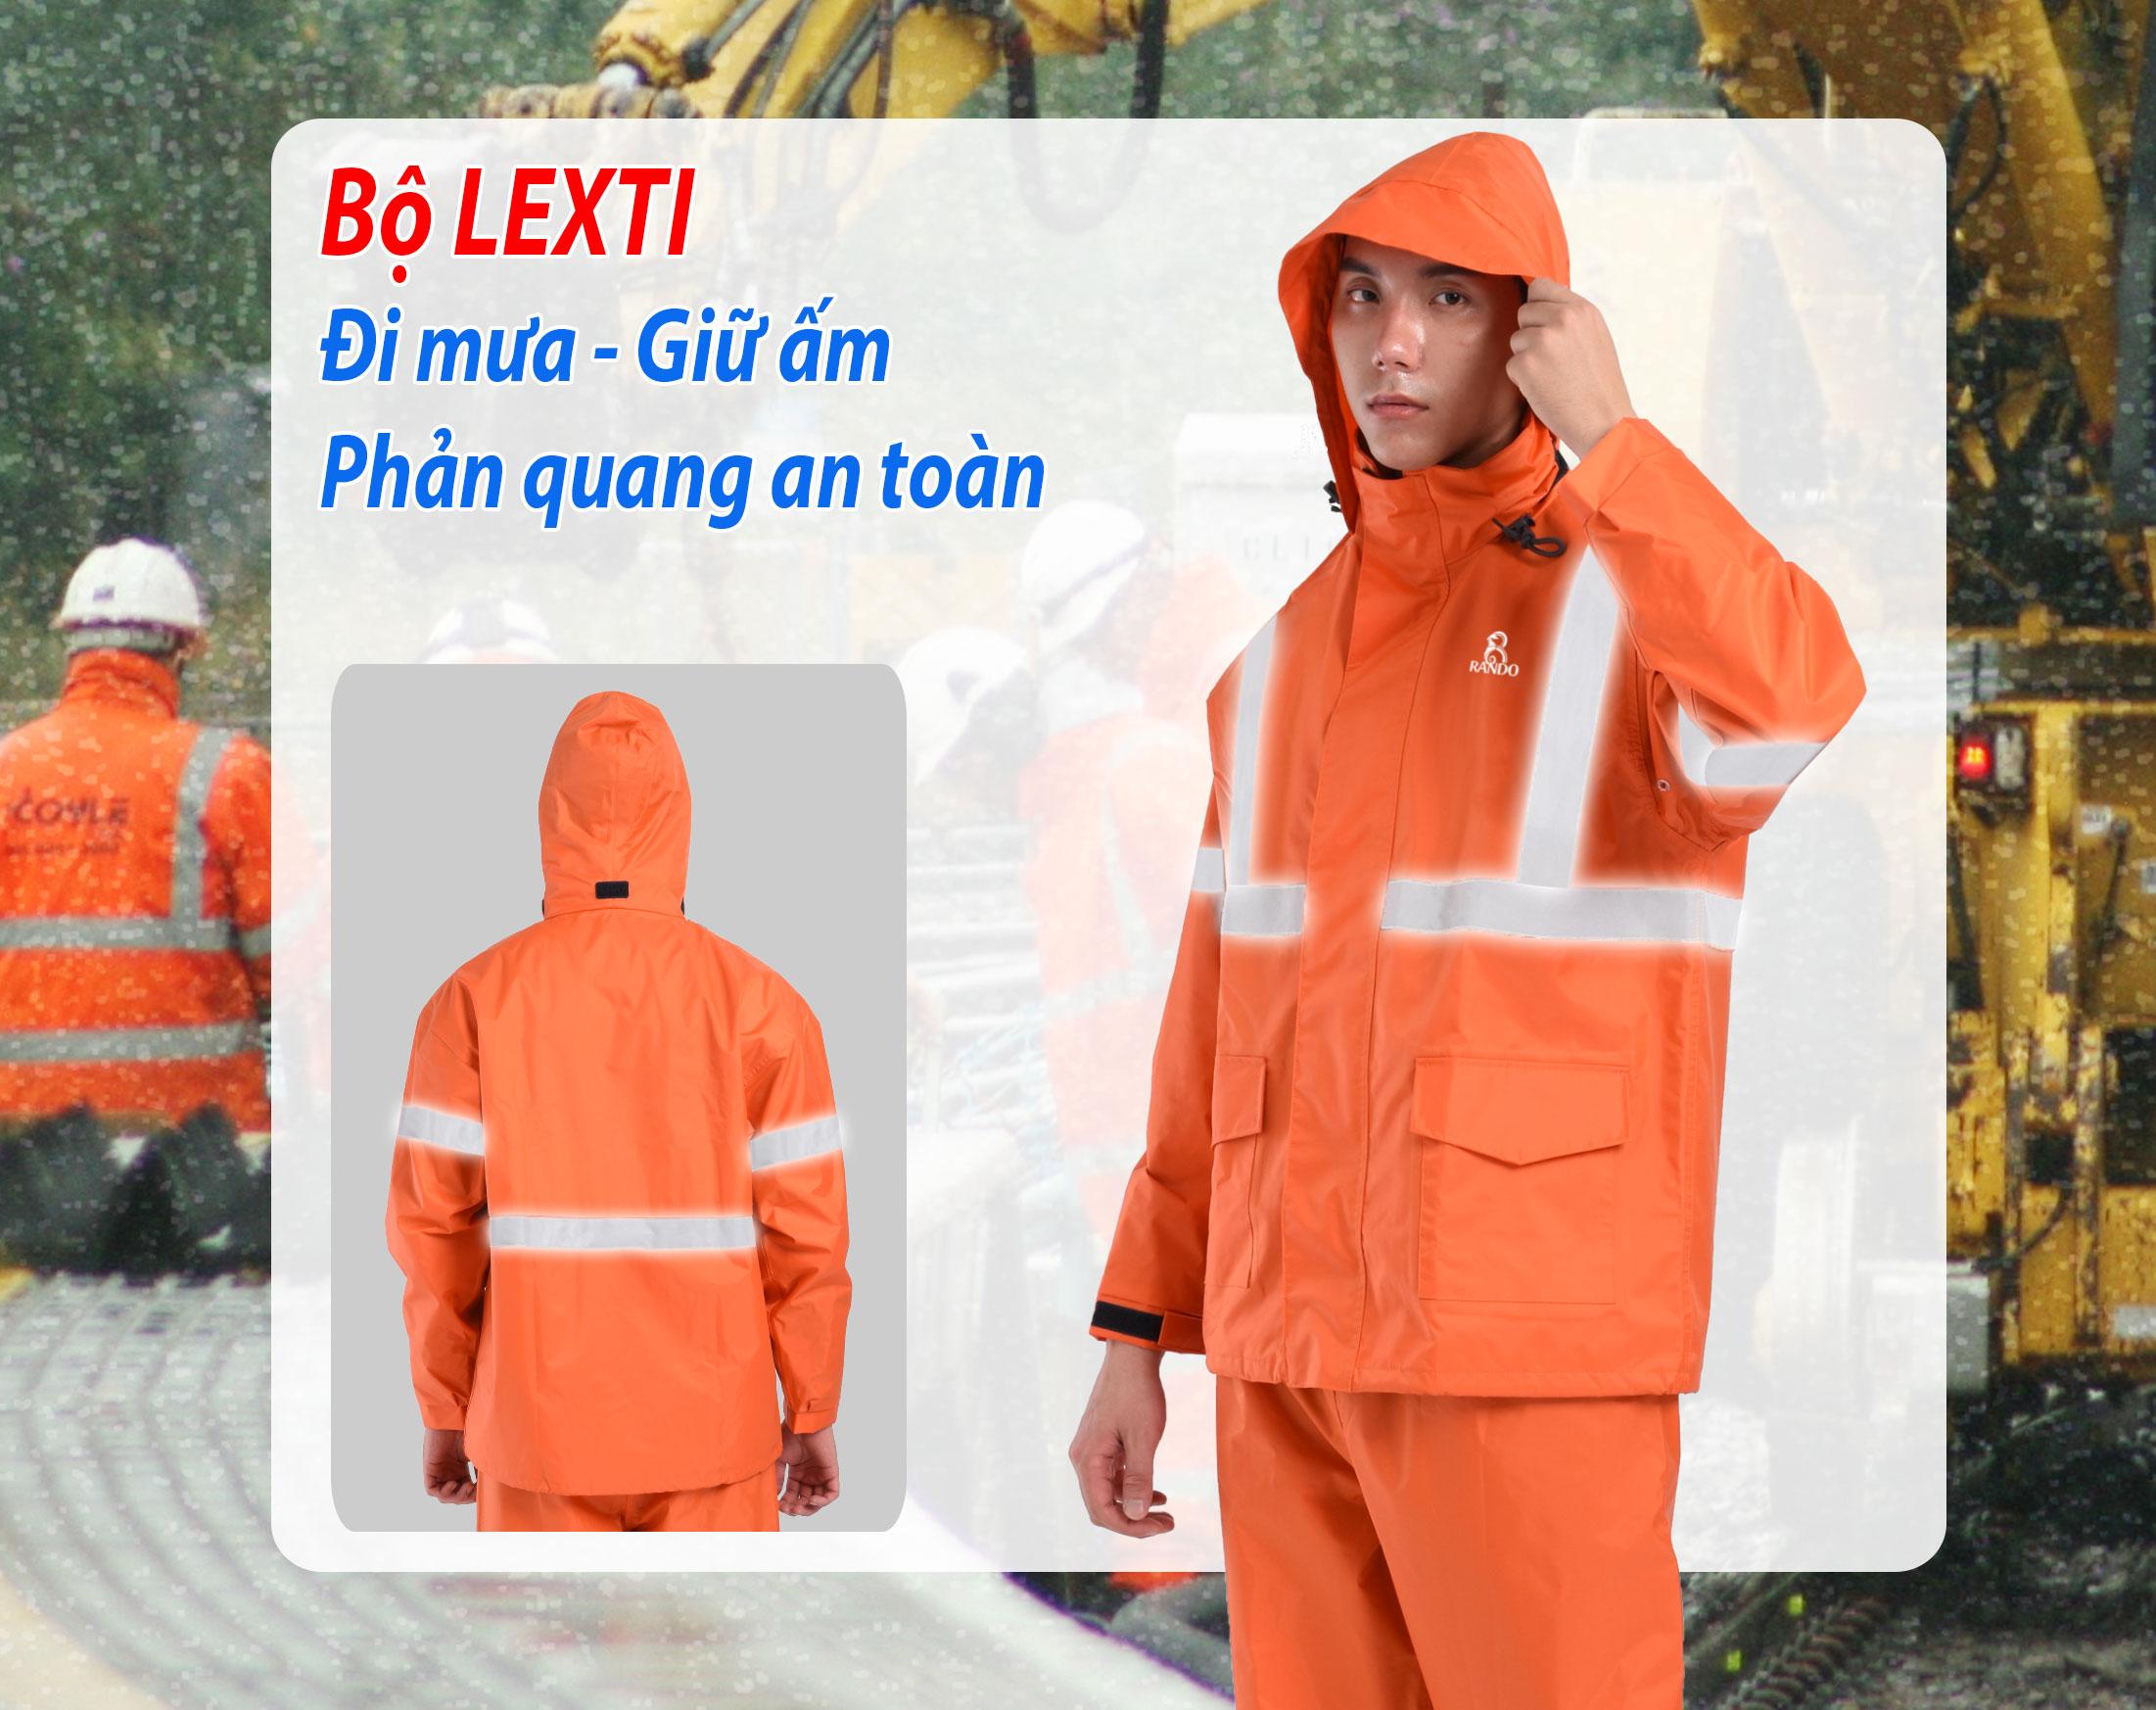 Bộ áo mưa LEXTI khuyến mãi